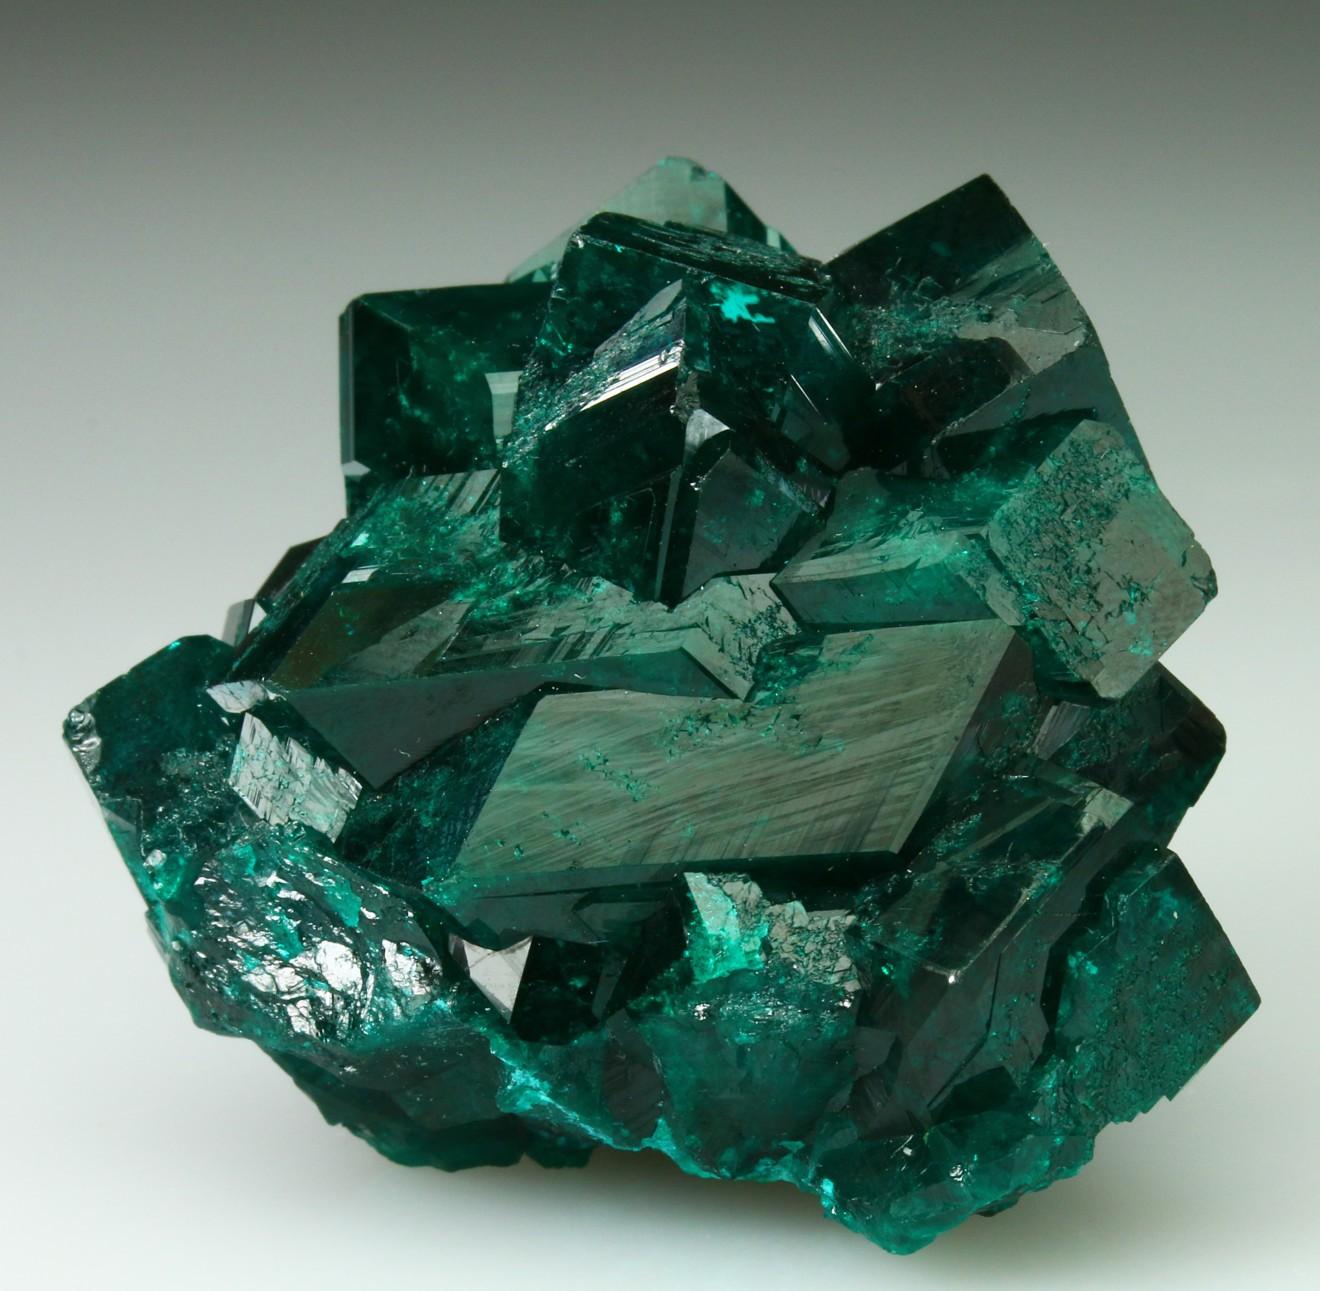 Βερδελίτης – πράσινη Τουρμαλίνη — Shakila - Ιωάννα Μπράτη